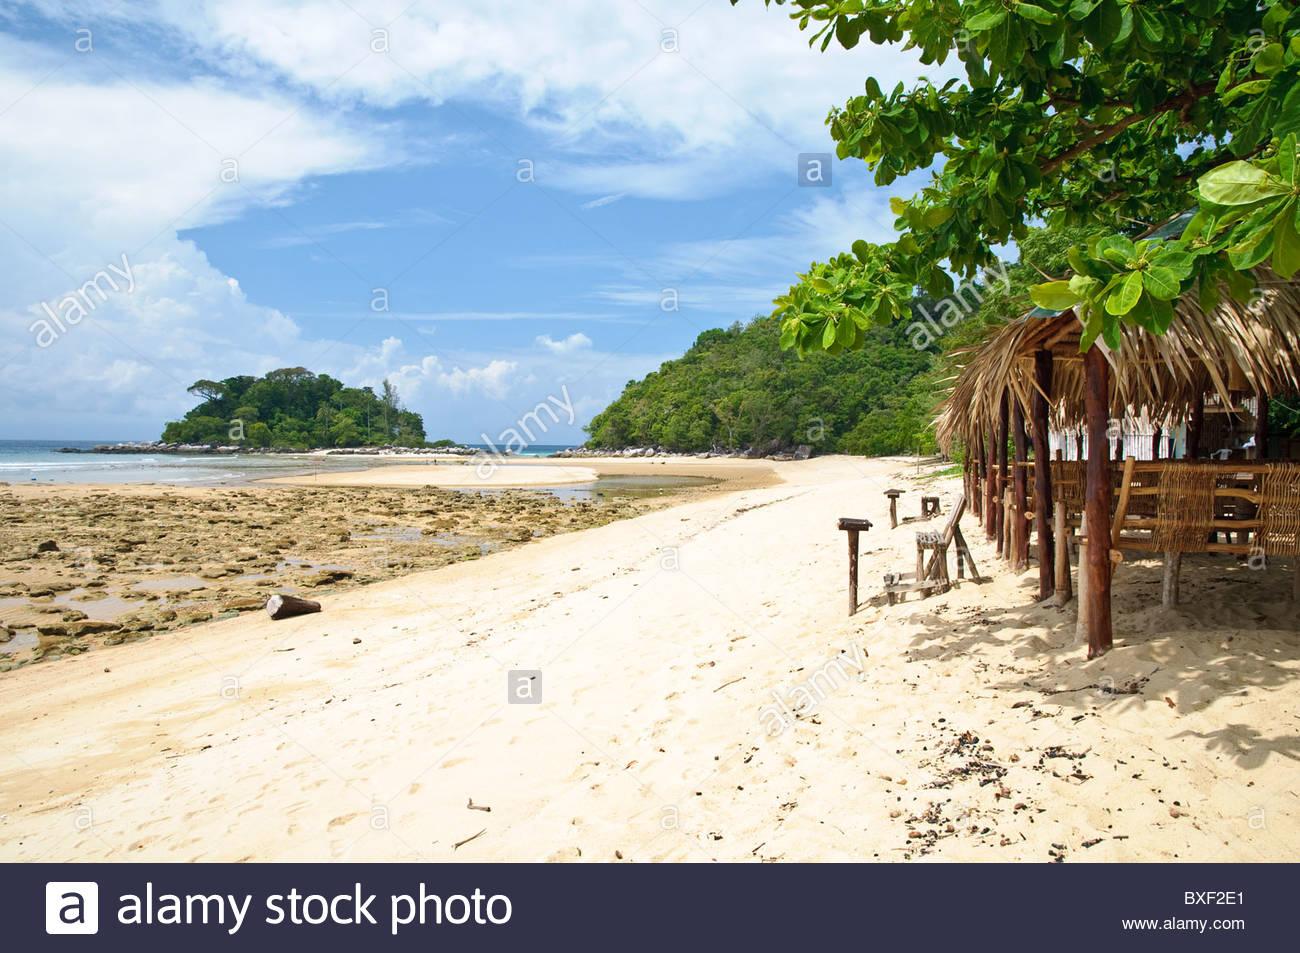 Bar de playa en la playa de Paya, la isla de Pulau Tioman, Malasia, Sudeste Asiático, Asia Foto de stock